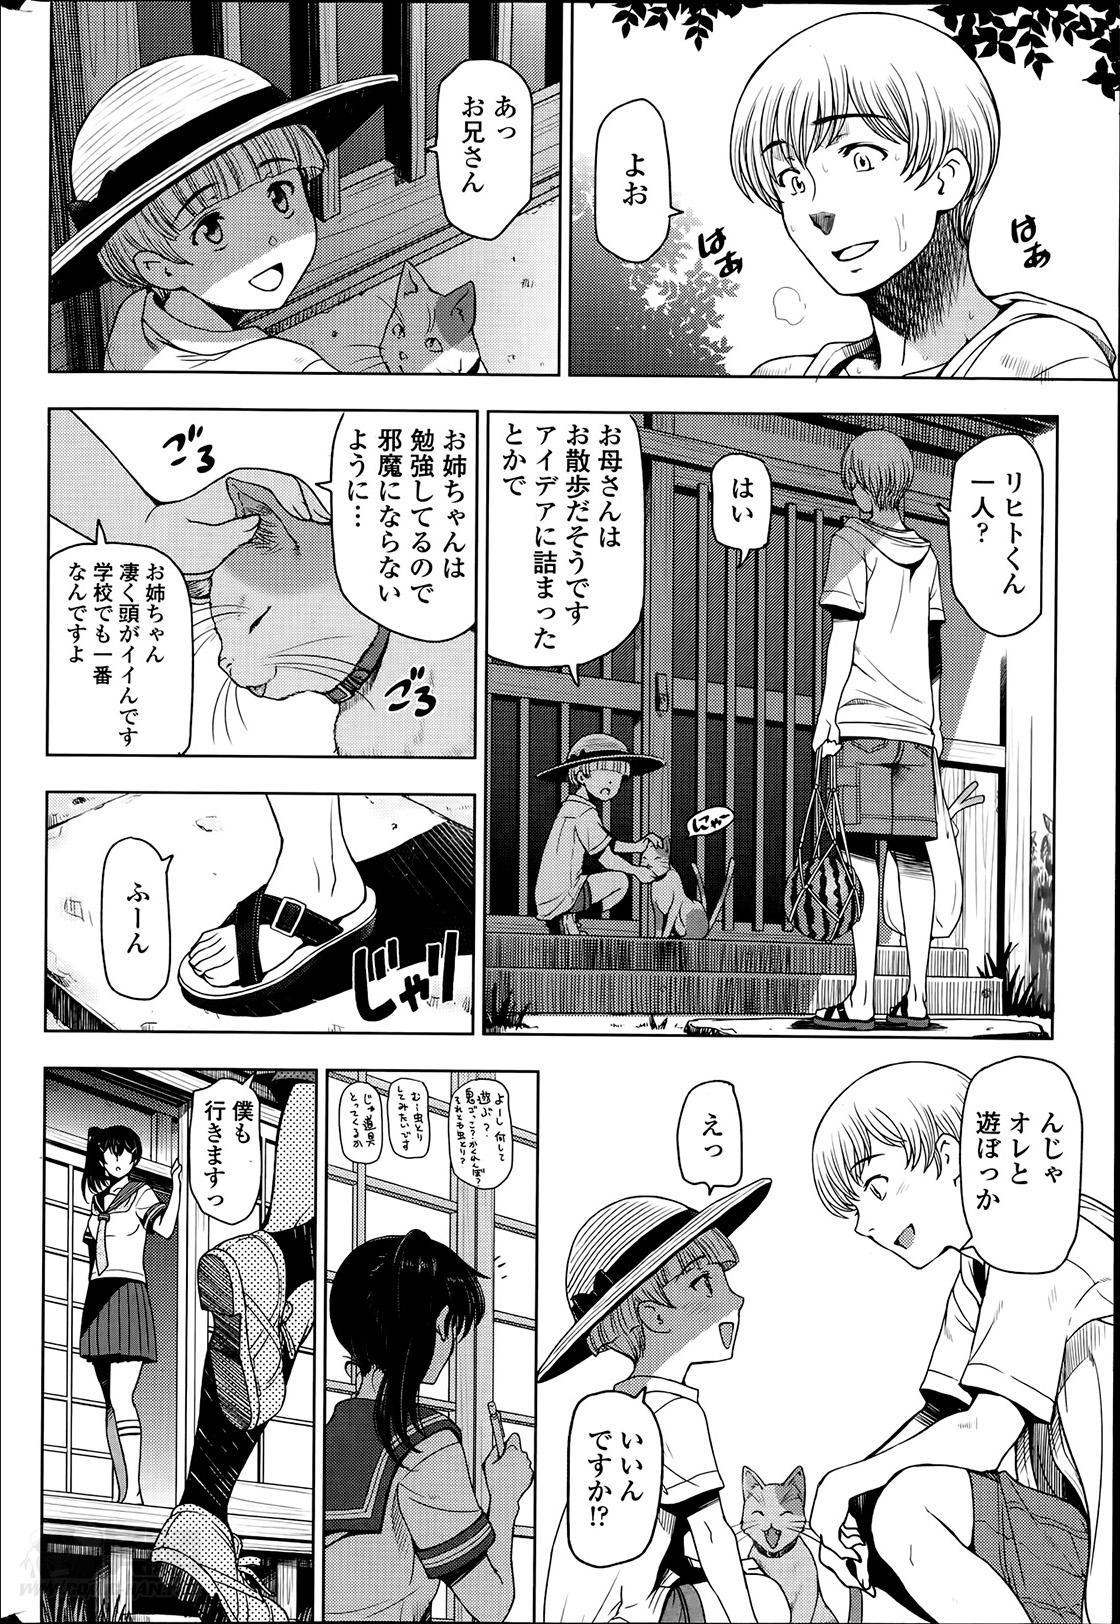 Natsu jiru + extra 45